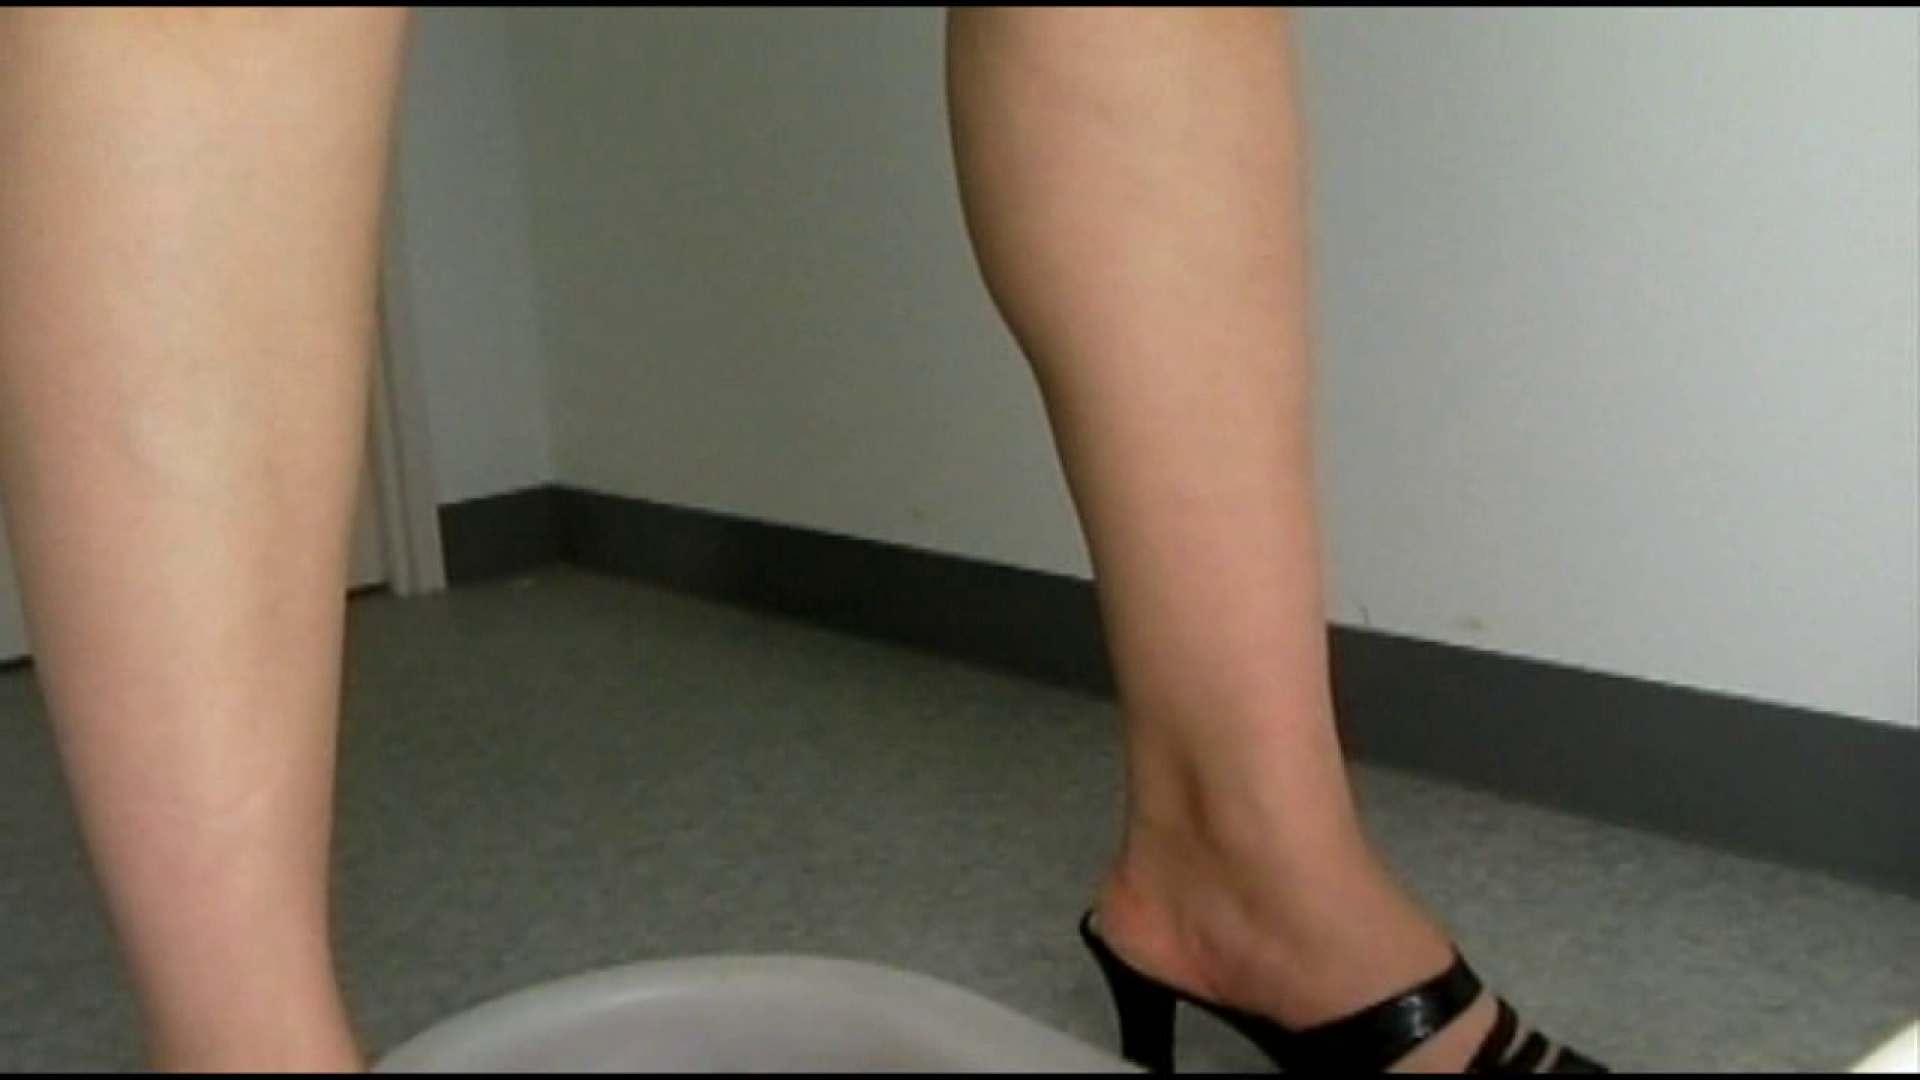 和式にまたがる女たちを待ちうけるカメラの衝撃映像vol.01 美しいOLの裸体  106pic 42